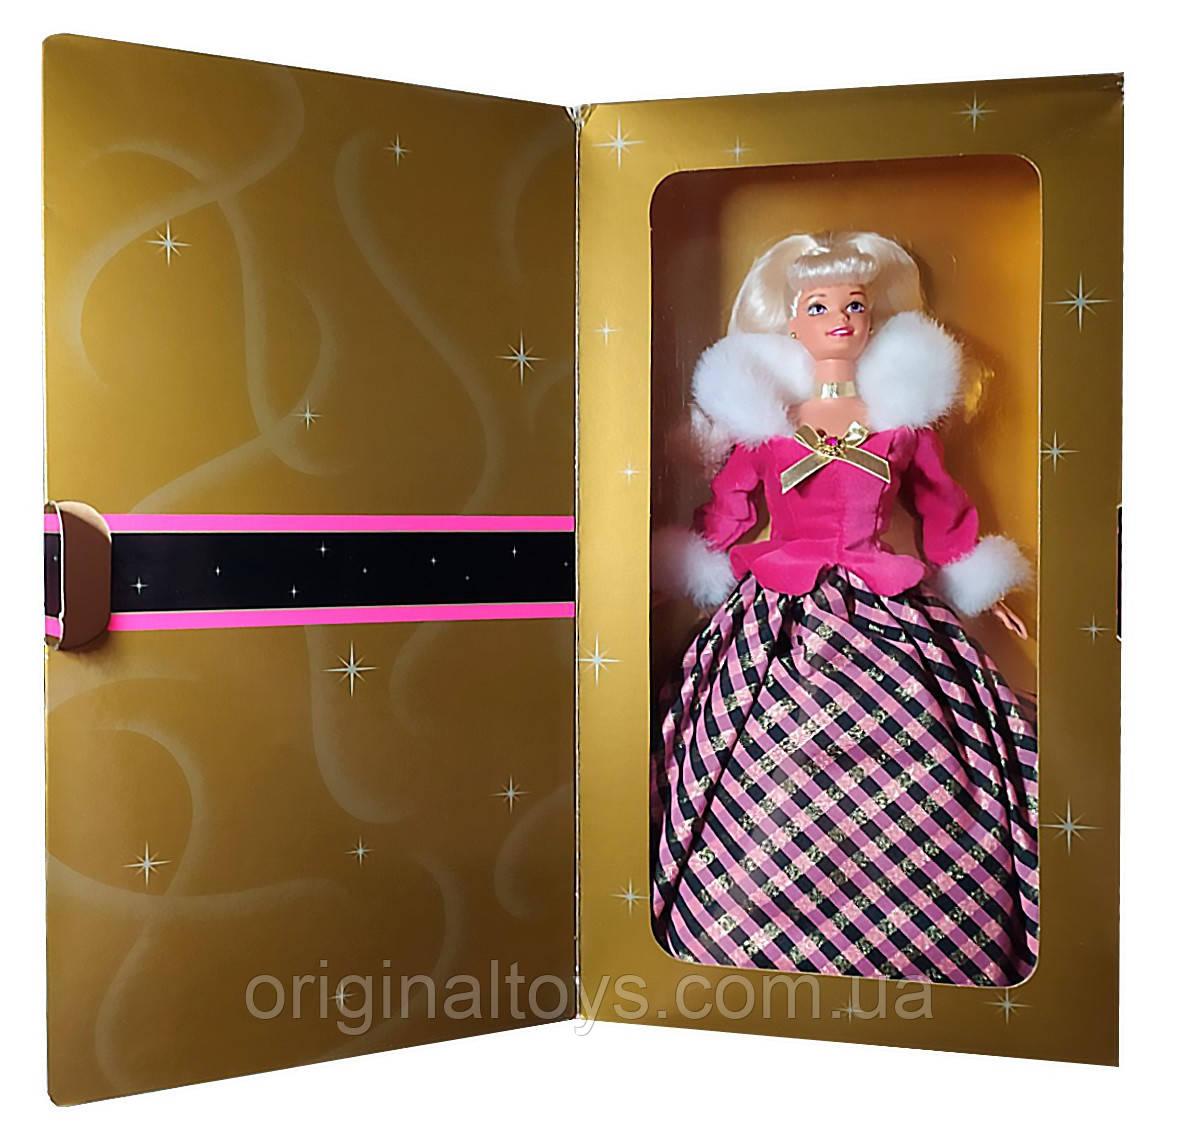 Колекційна лялька Барбі Зимова Рапсодія Barbie Winter Rhapsody Avon Exclusive 1996 Mattel 16353